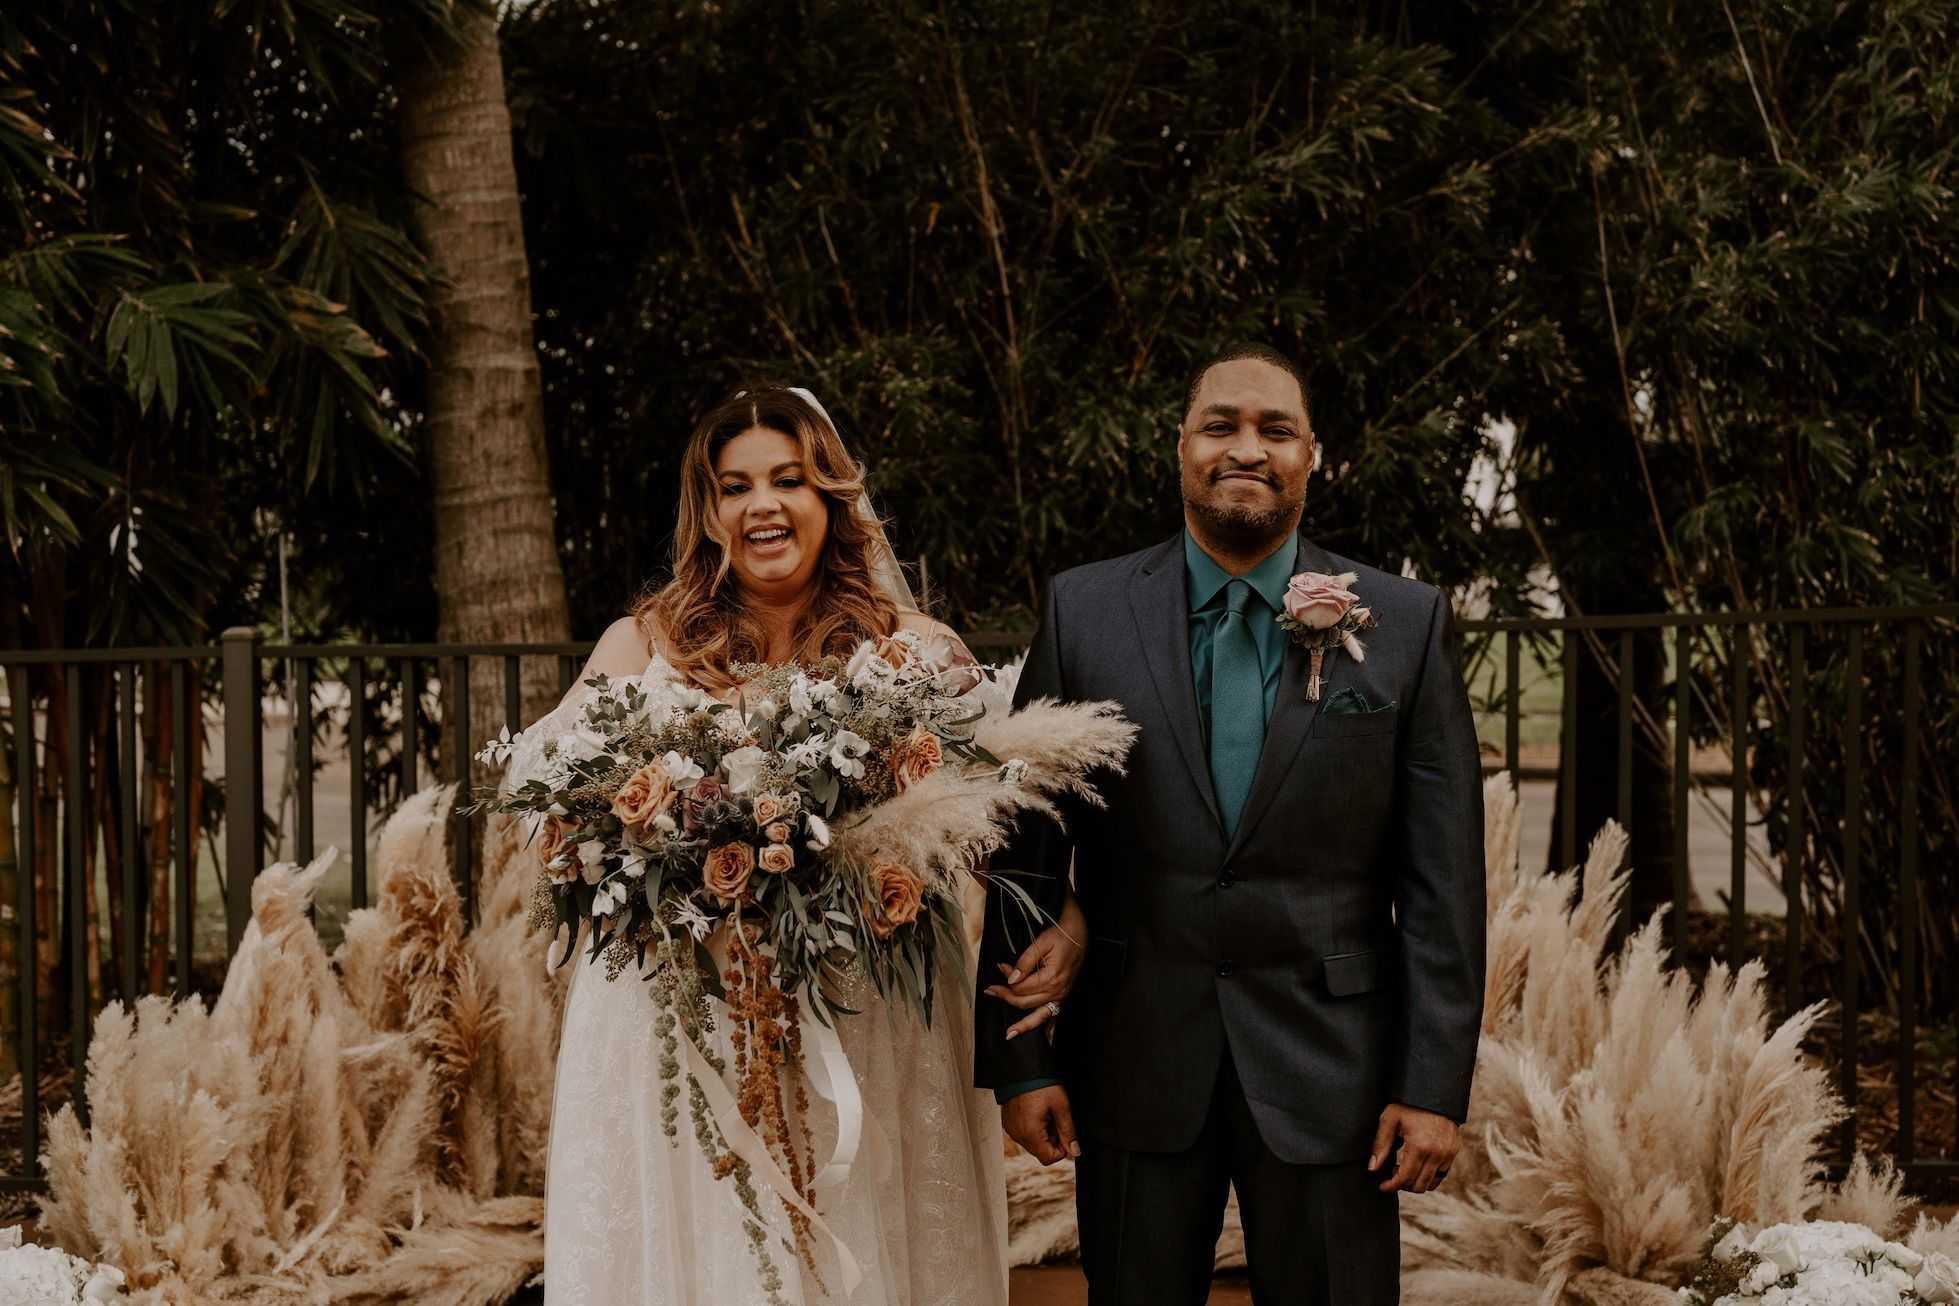 Ali & Shawn's Wedding